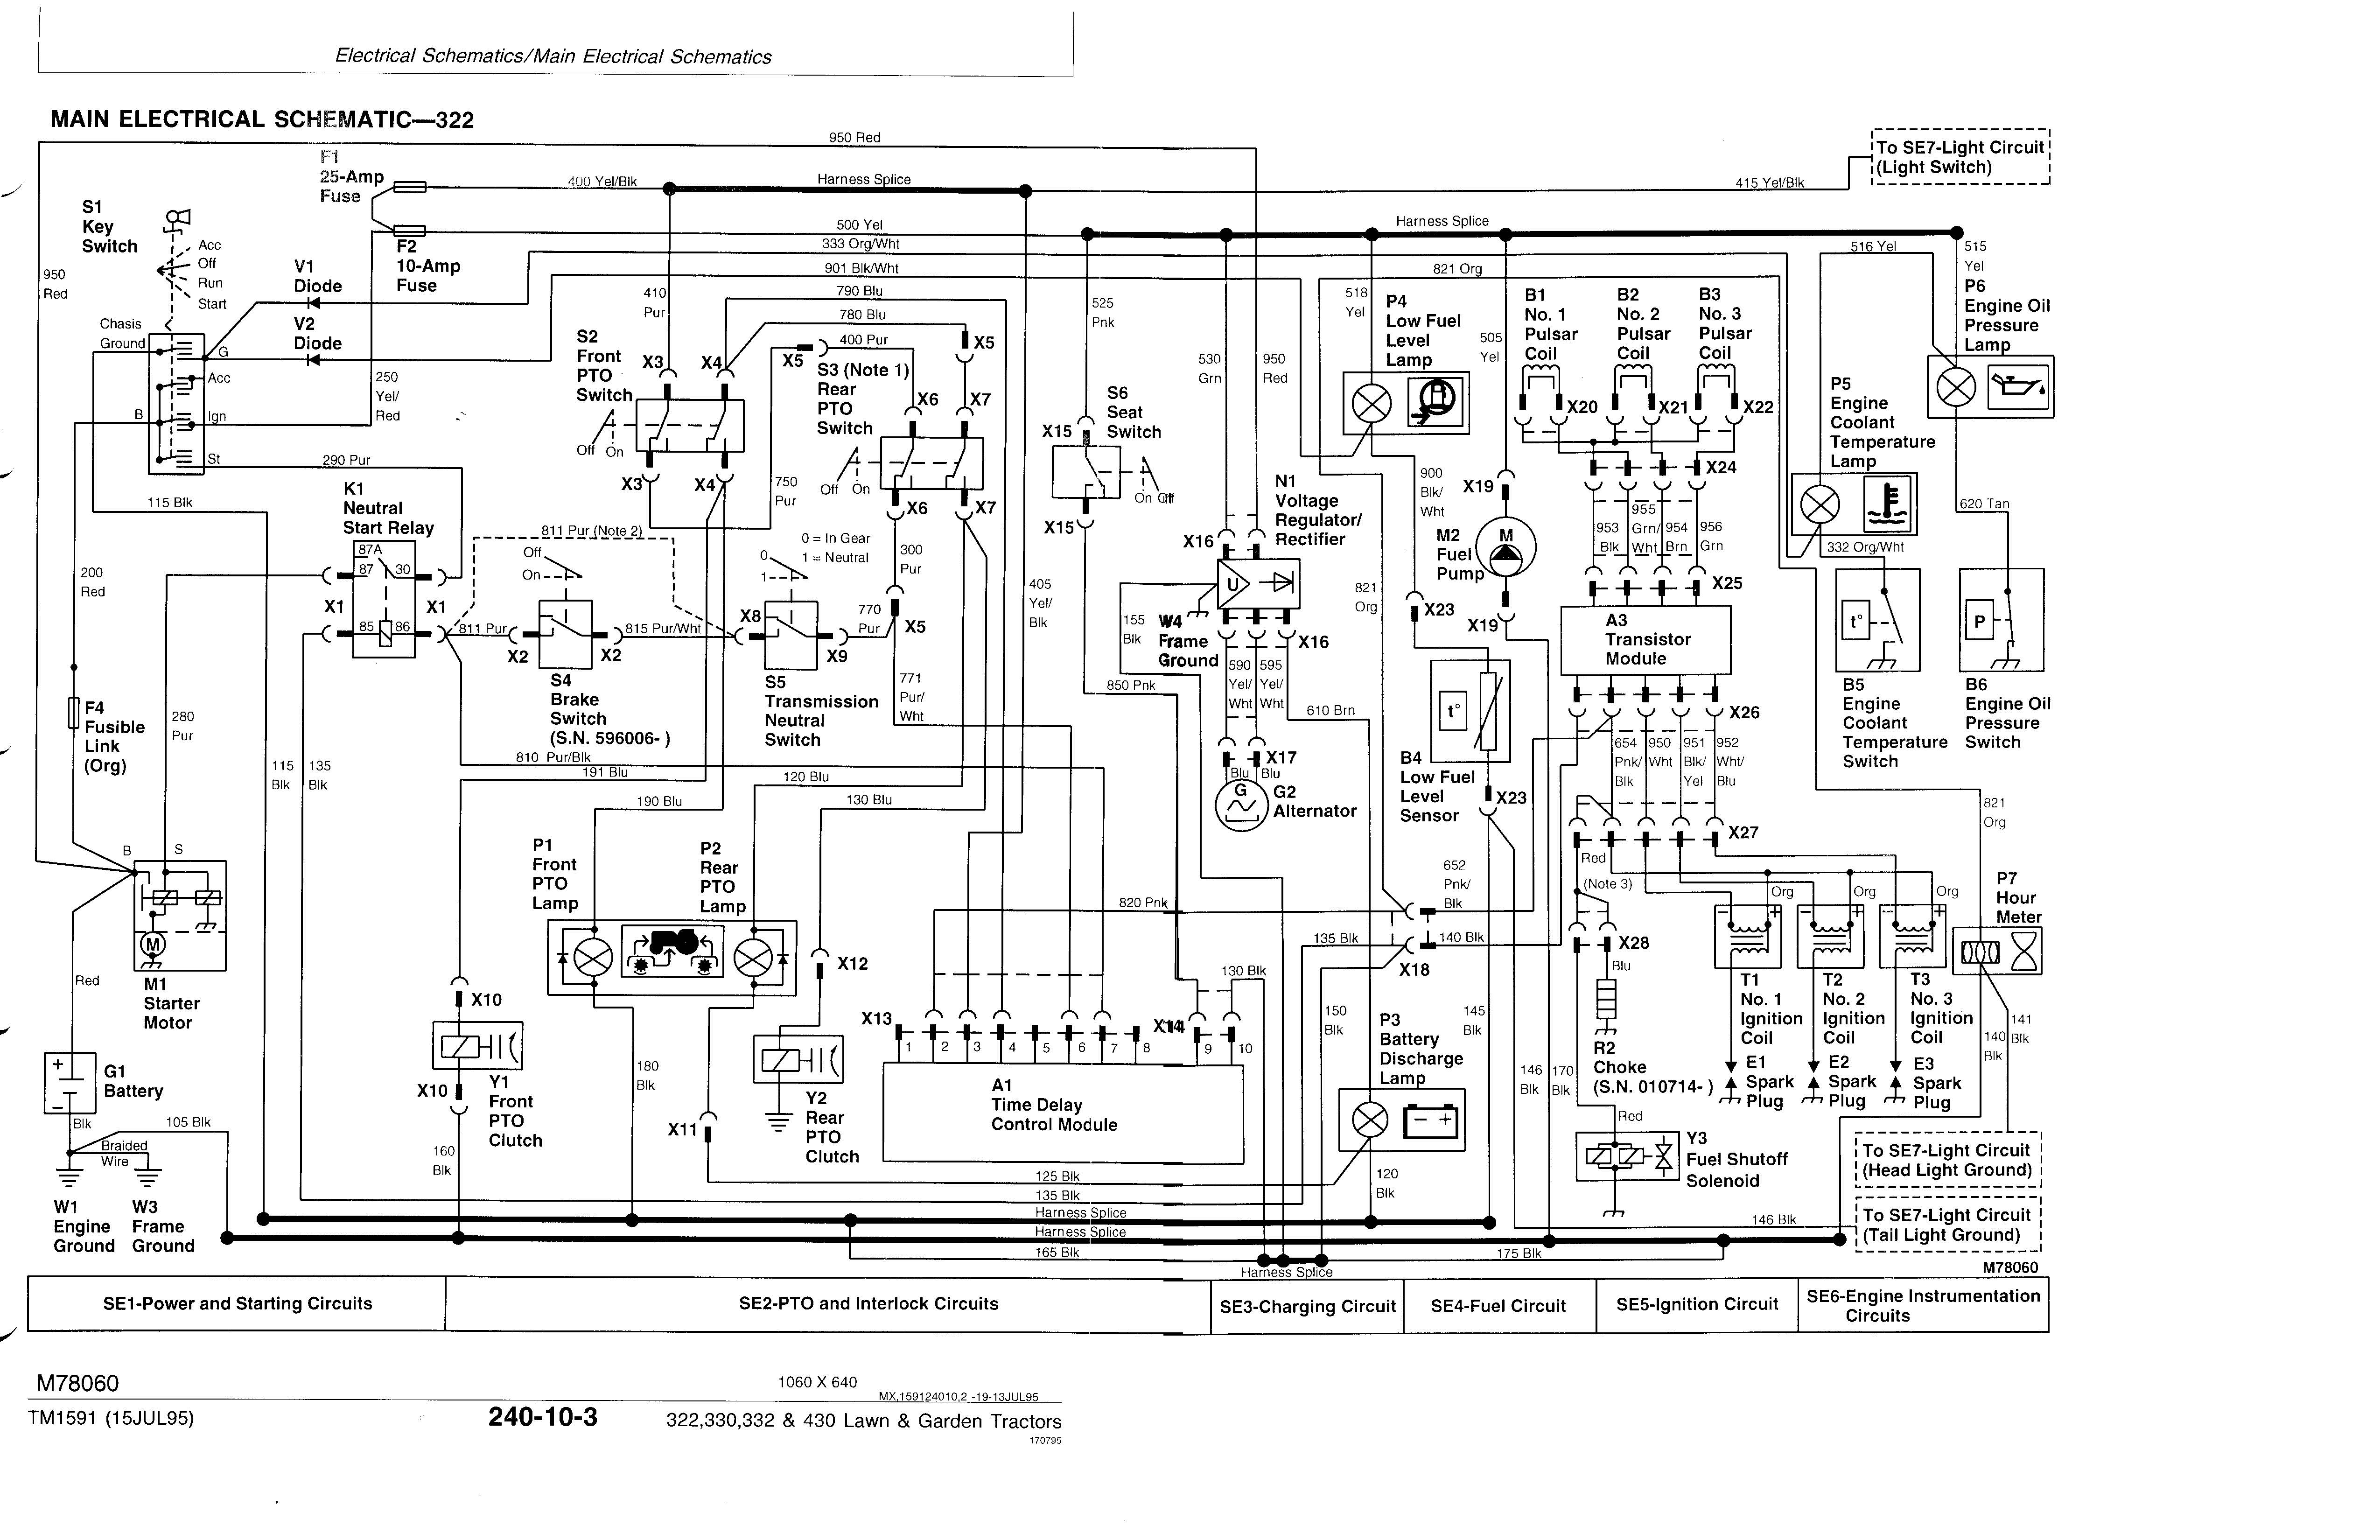 John Deere 332 PTO short circuit